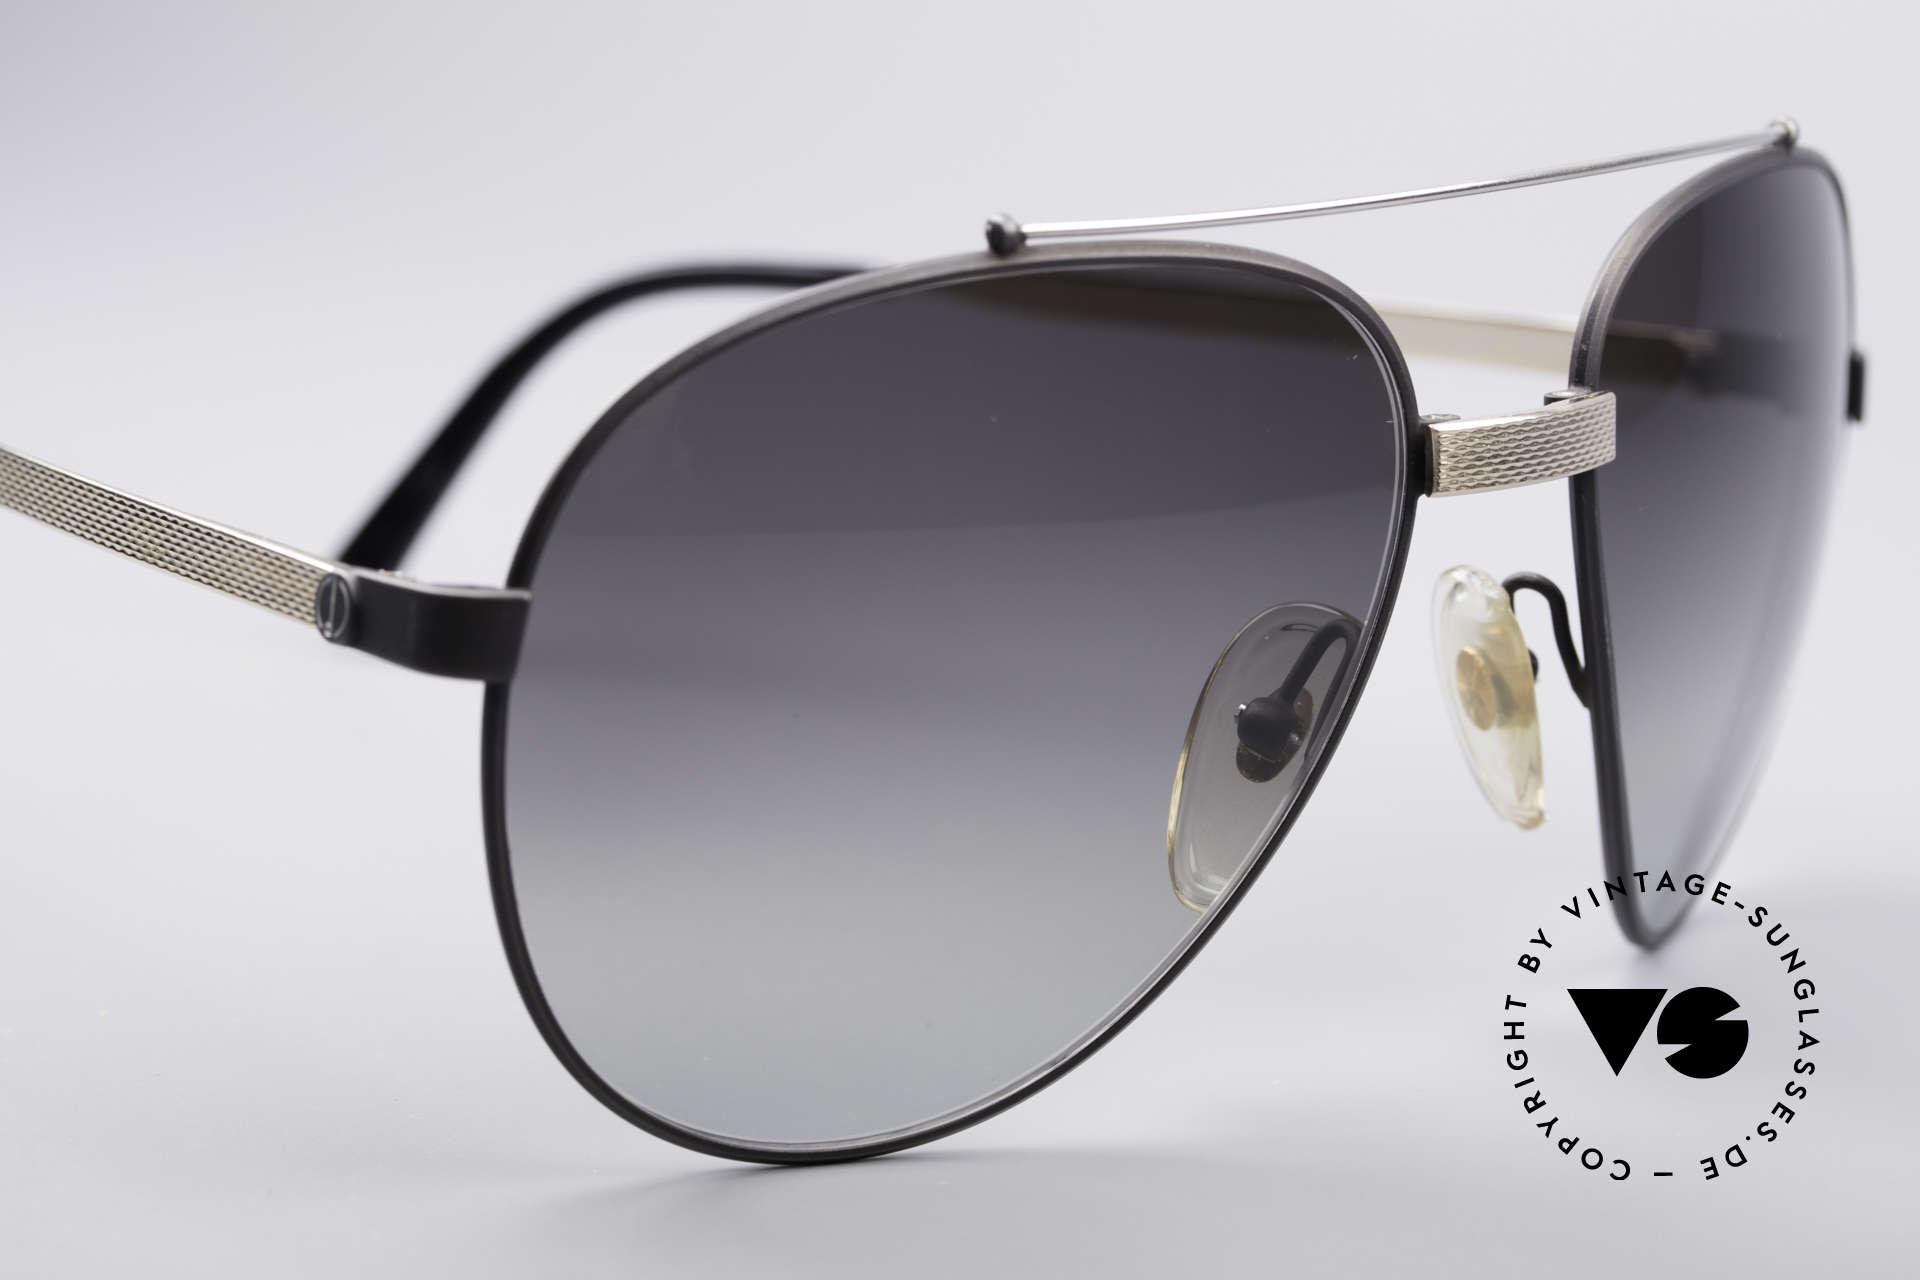 Dunhill 6023 80er Luxus Sonnenbrille Herren, ungetragen (wie all unsere Luxus-Sonnenbrillen), Passend für Herren